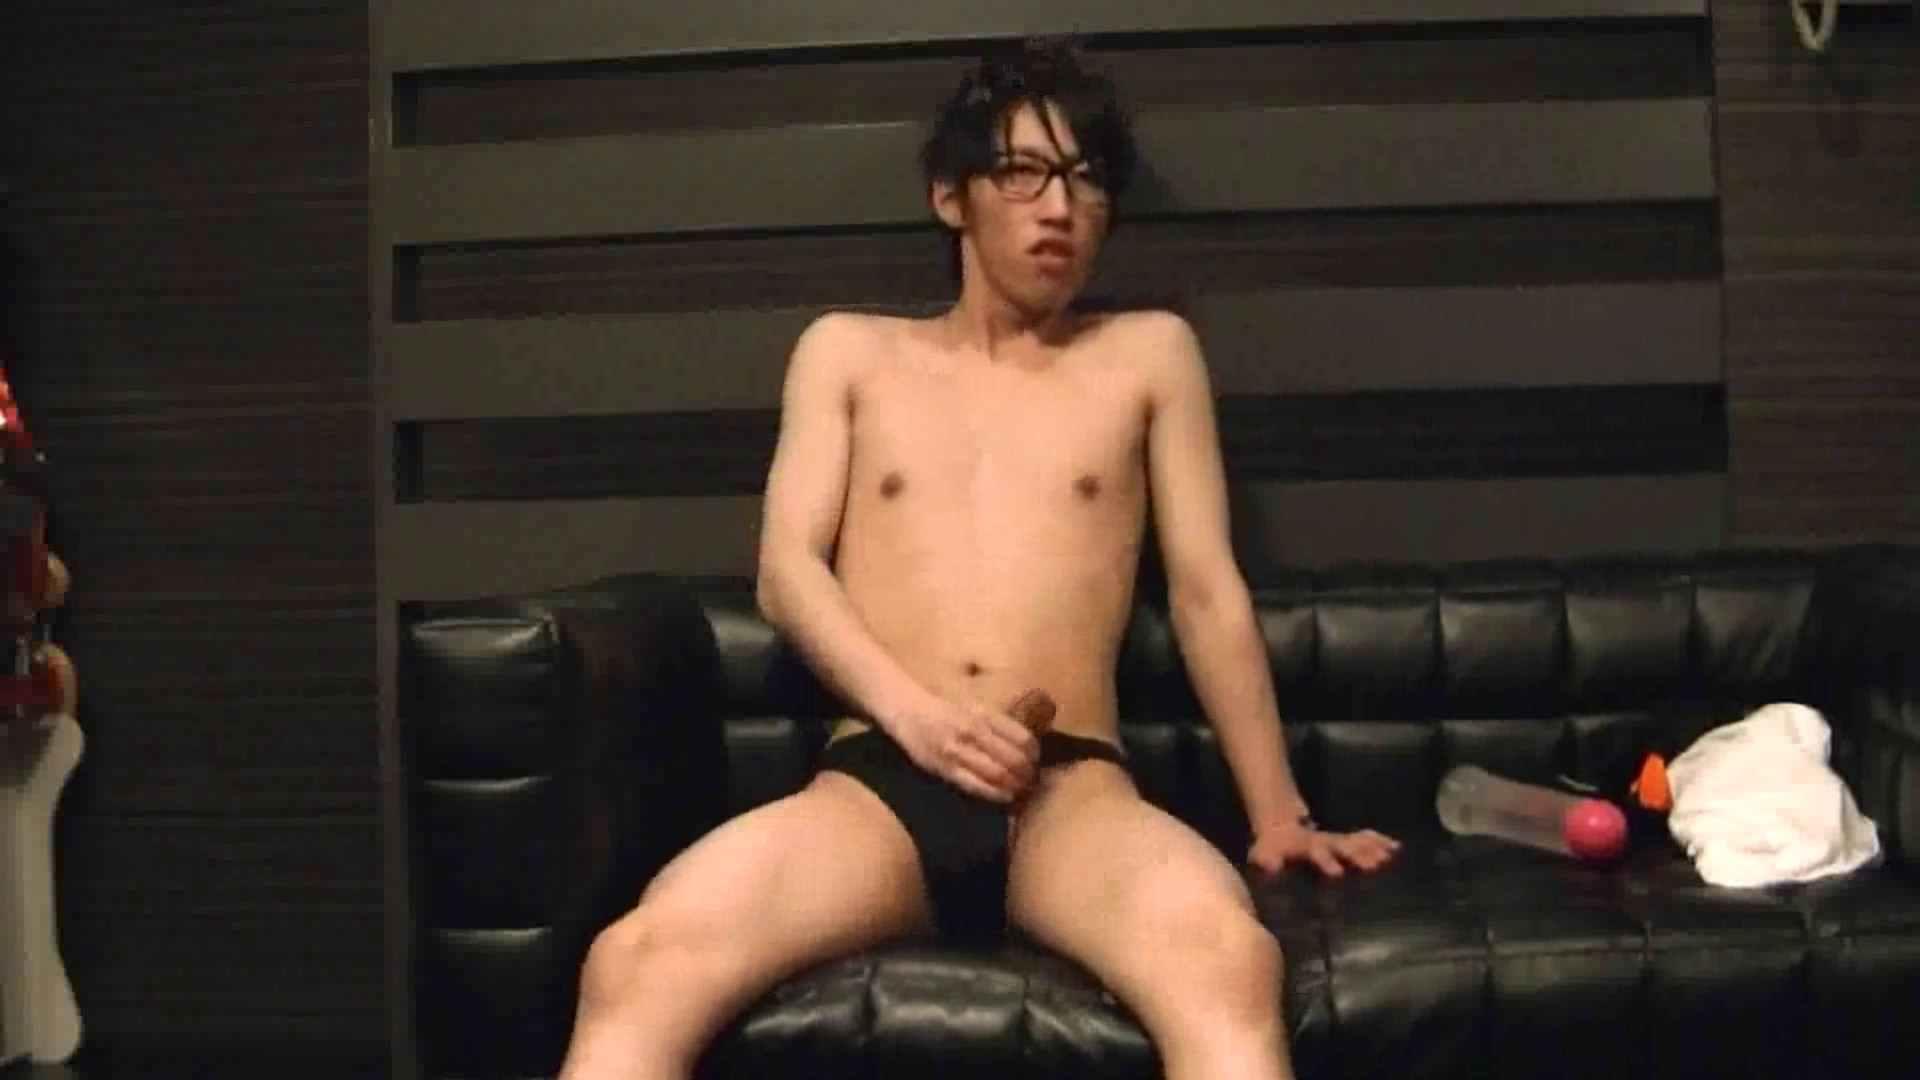 ONA見せカーニバル!! Vol3 男・男   モザイク無し ゲイ無料無修正画像 72pic 34